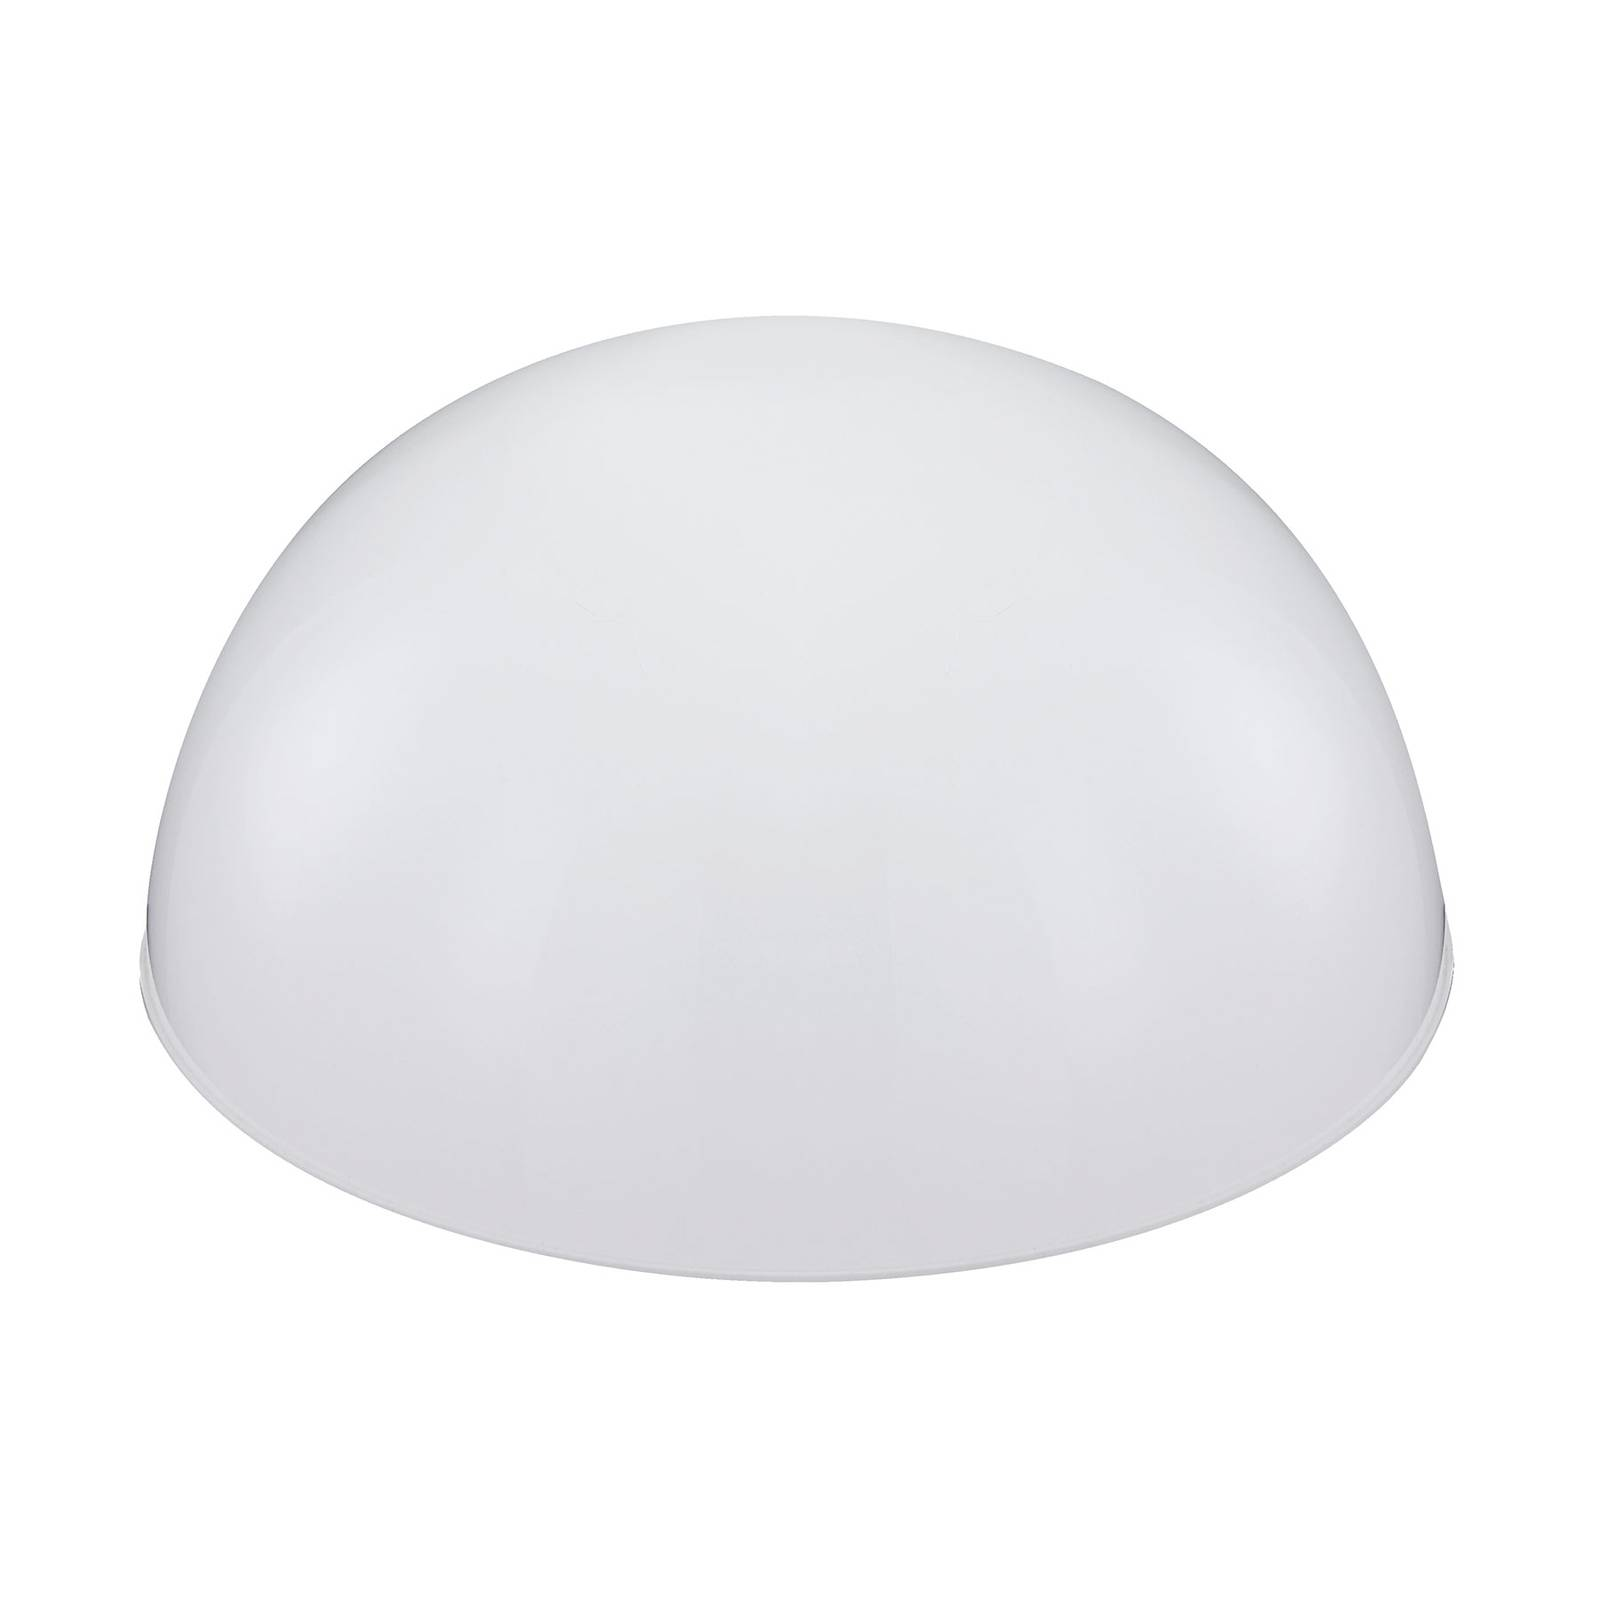 Lindby Nikau aurinkokäyttöinen LED-lamppu 3 kpl